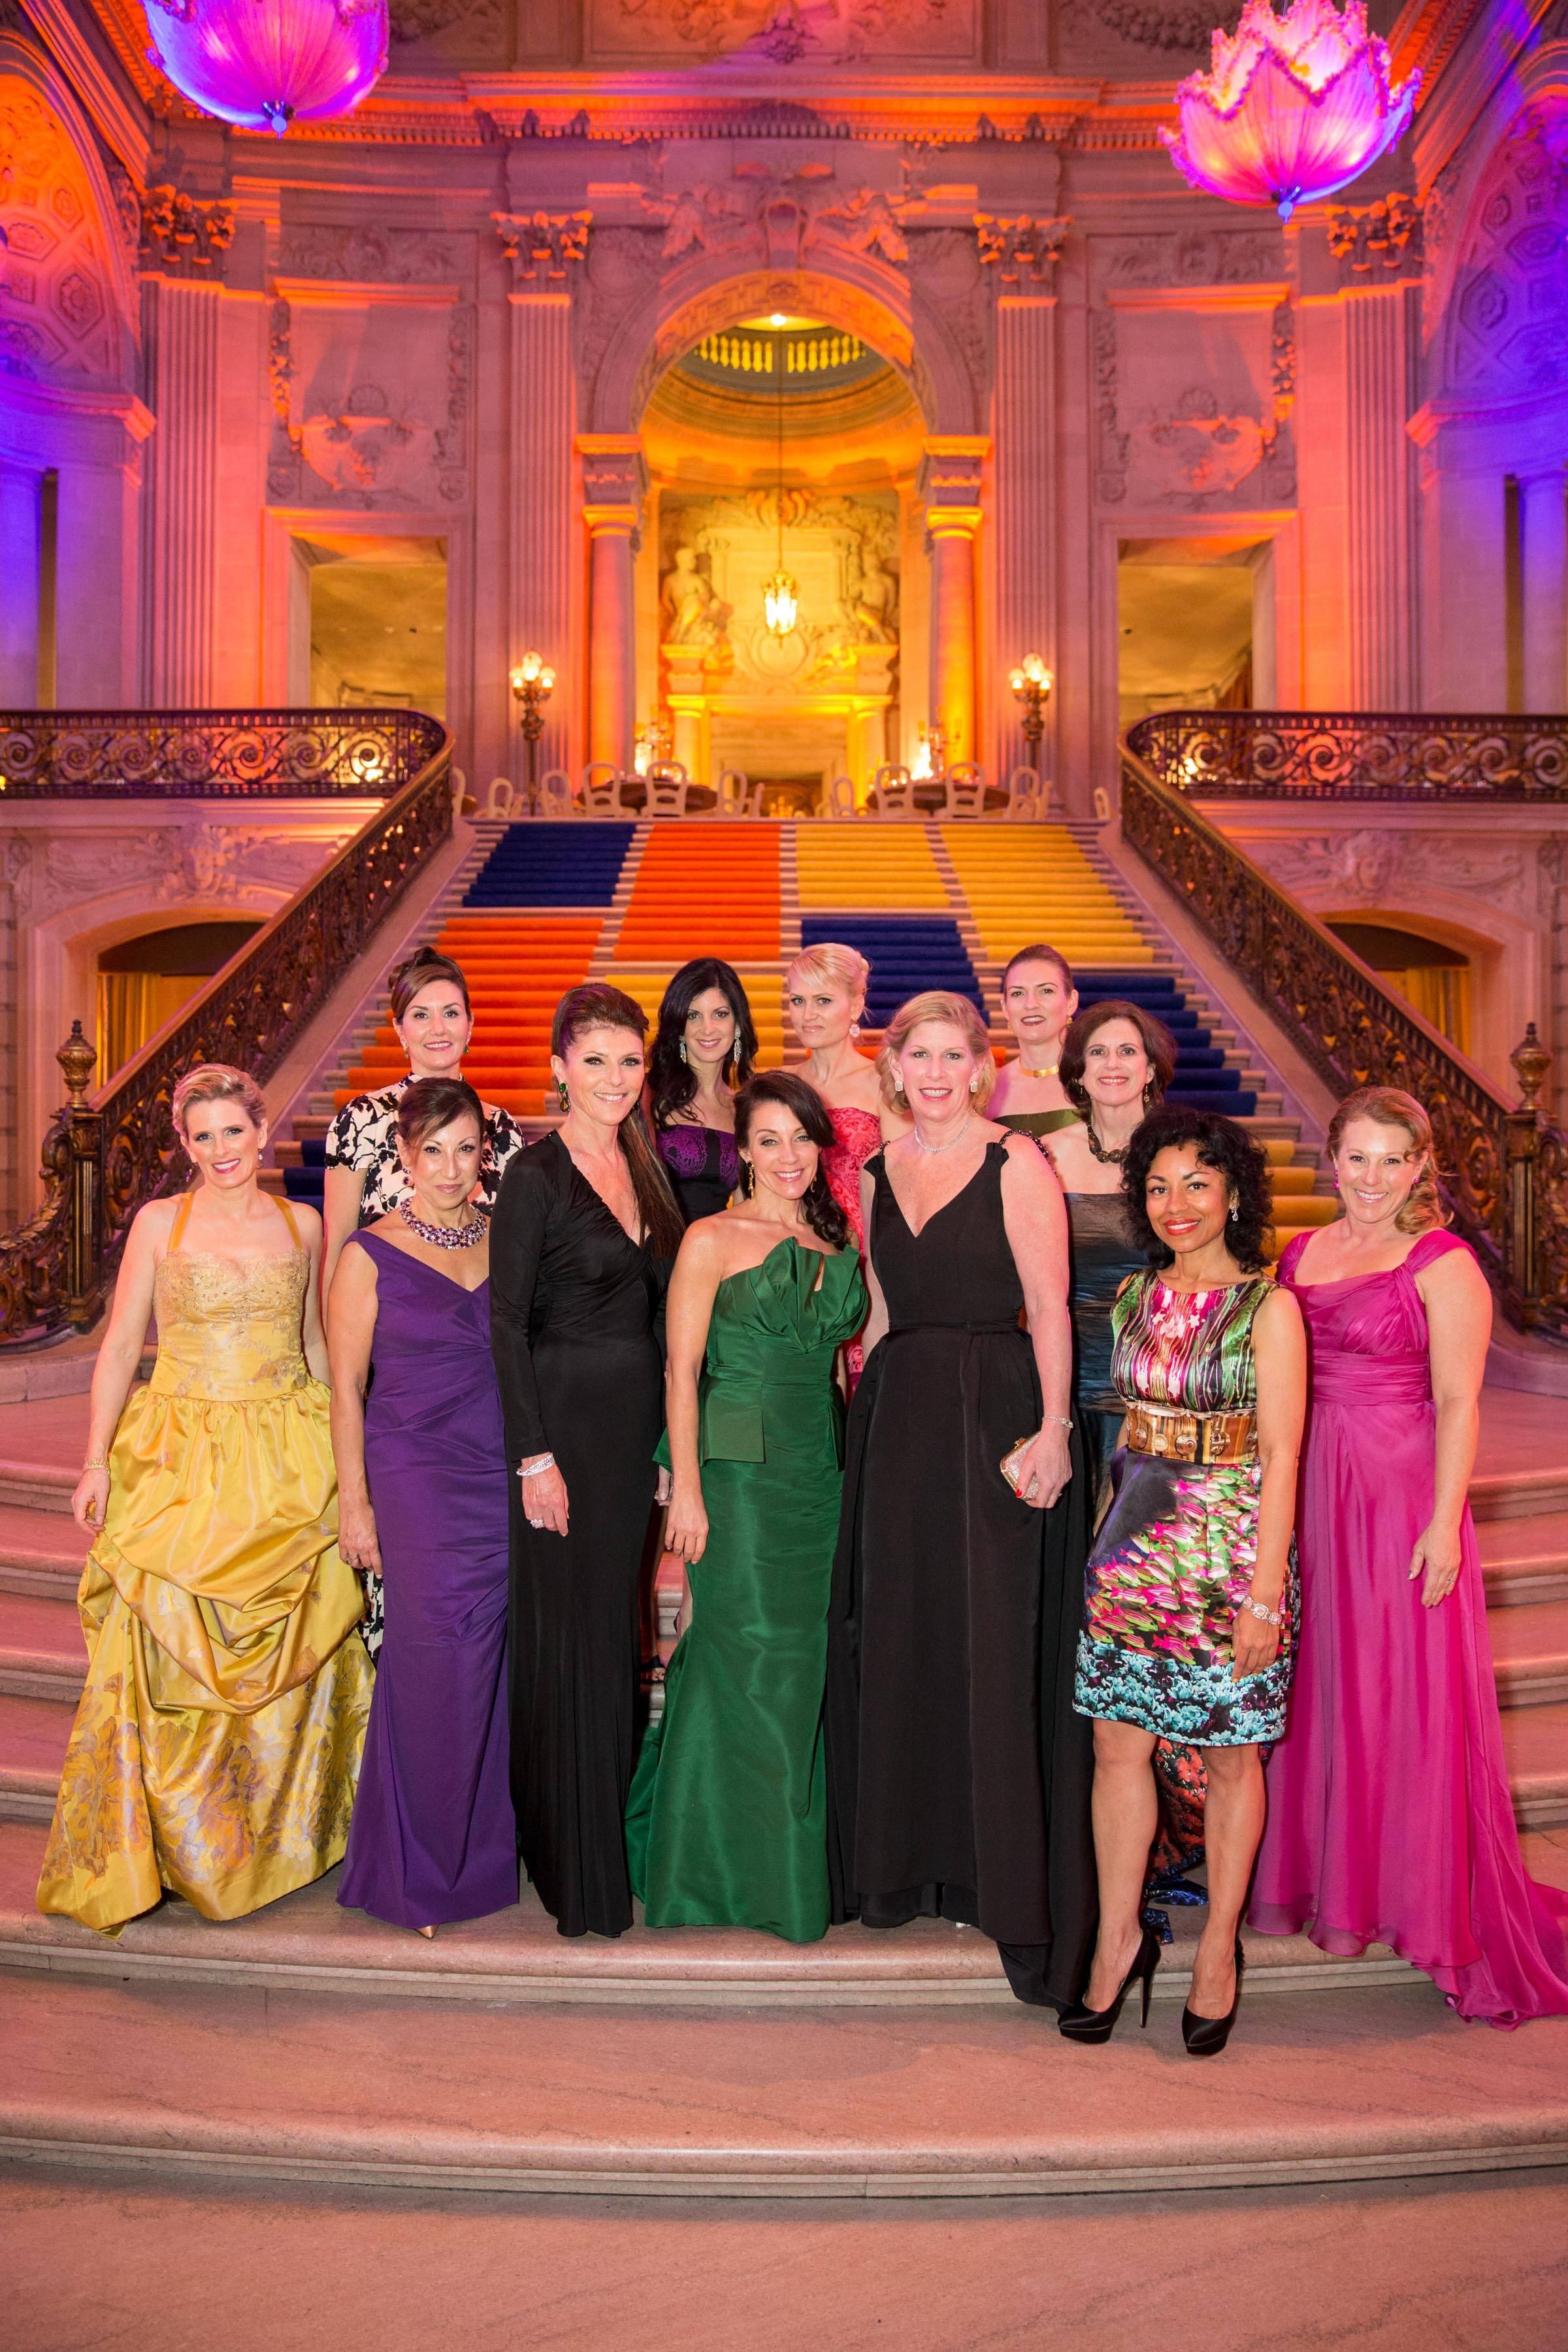 San Francisco Ballet 2013 Opening Night Gala